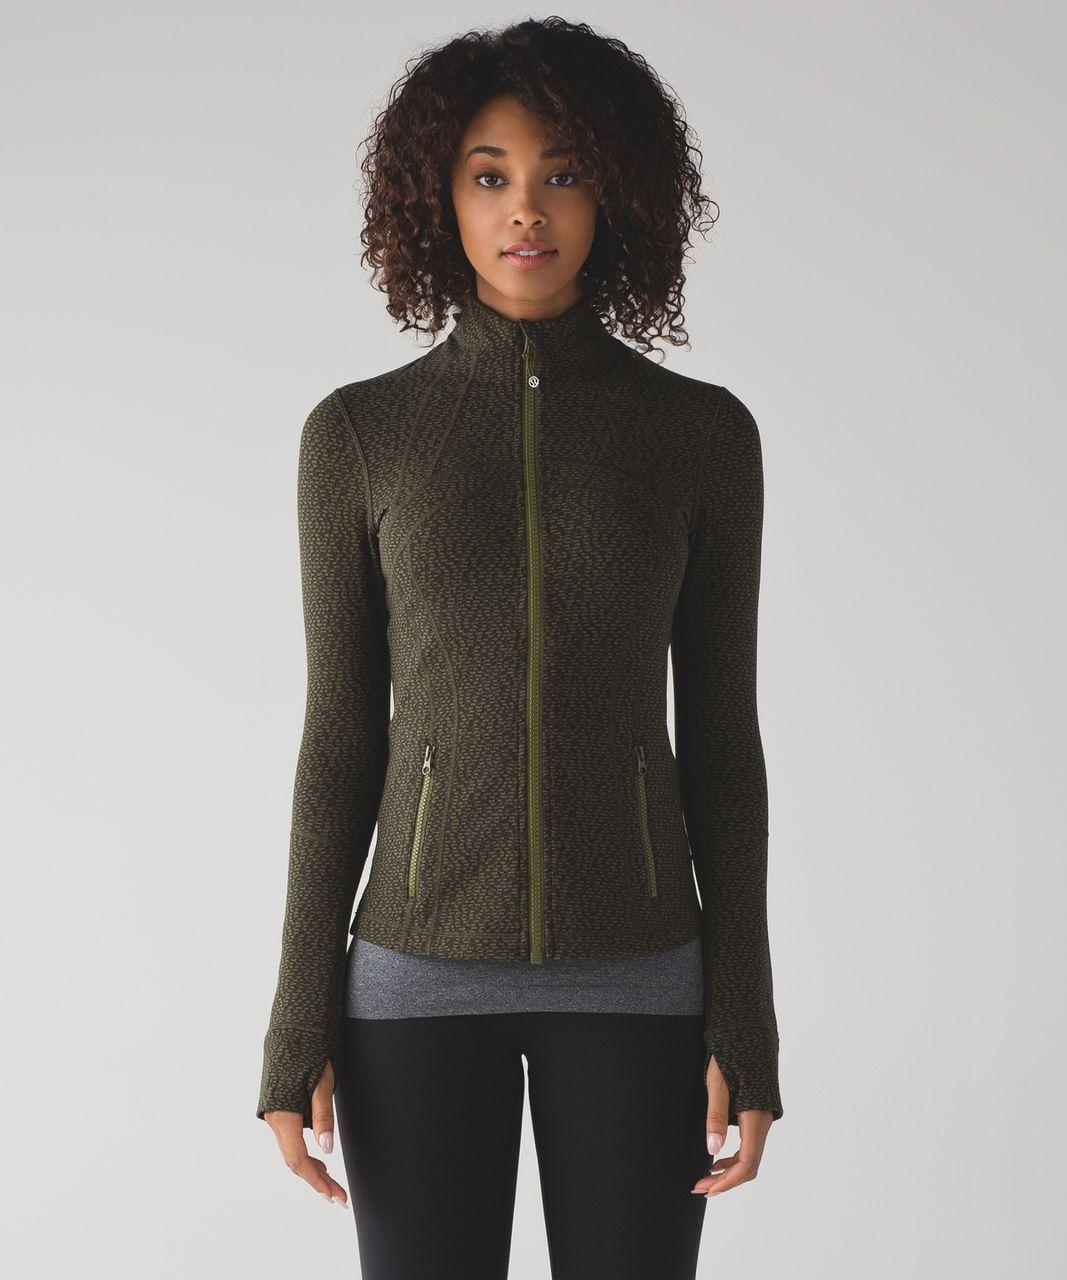 Lululemon Define Jacket - Black / Brave Olive / Dark Olive